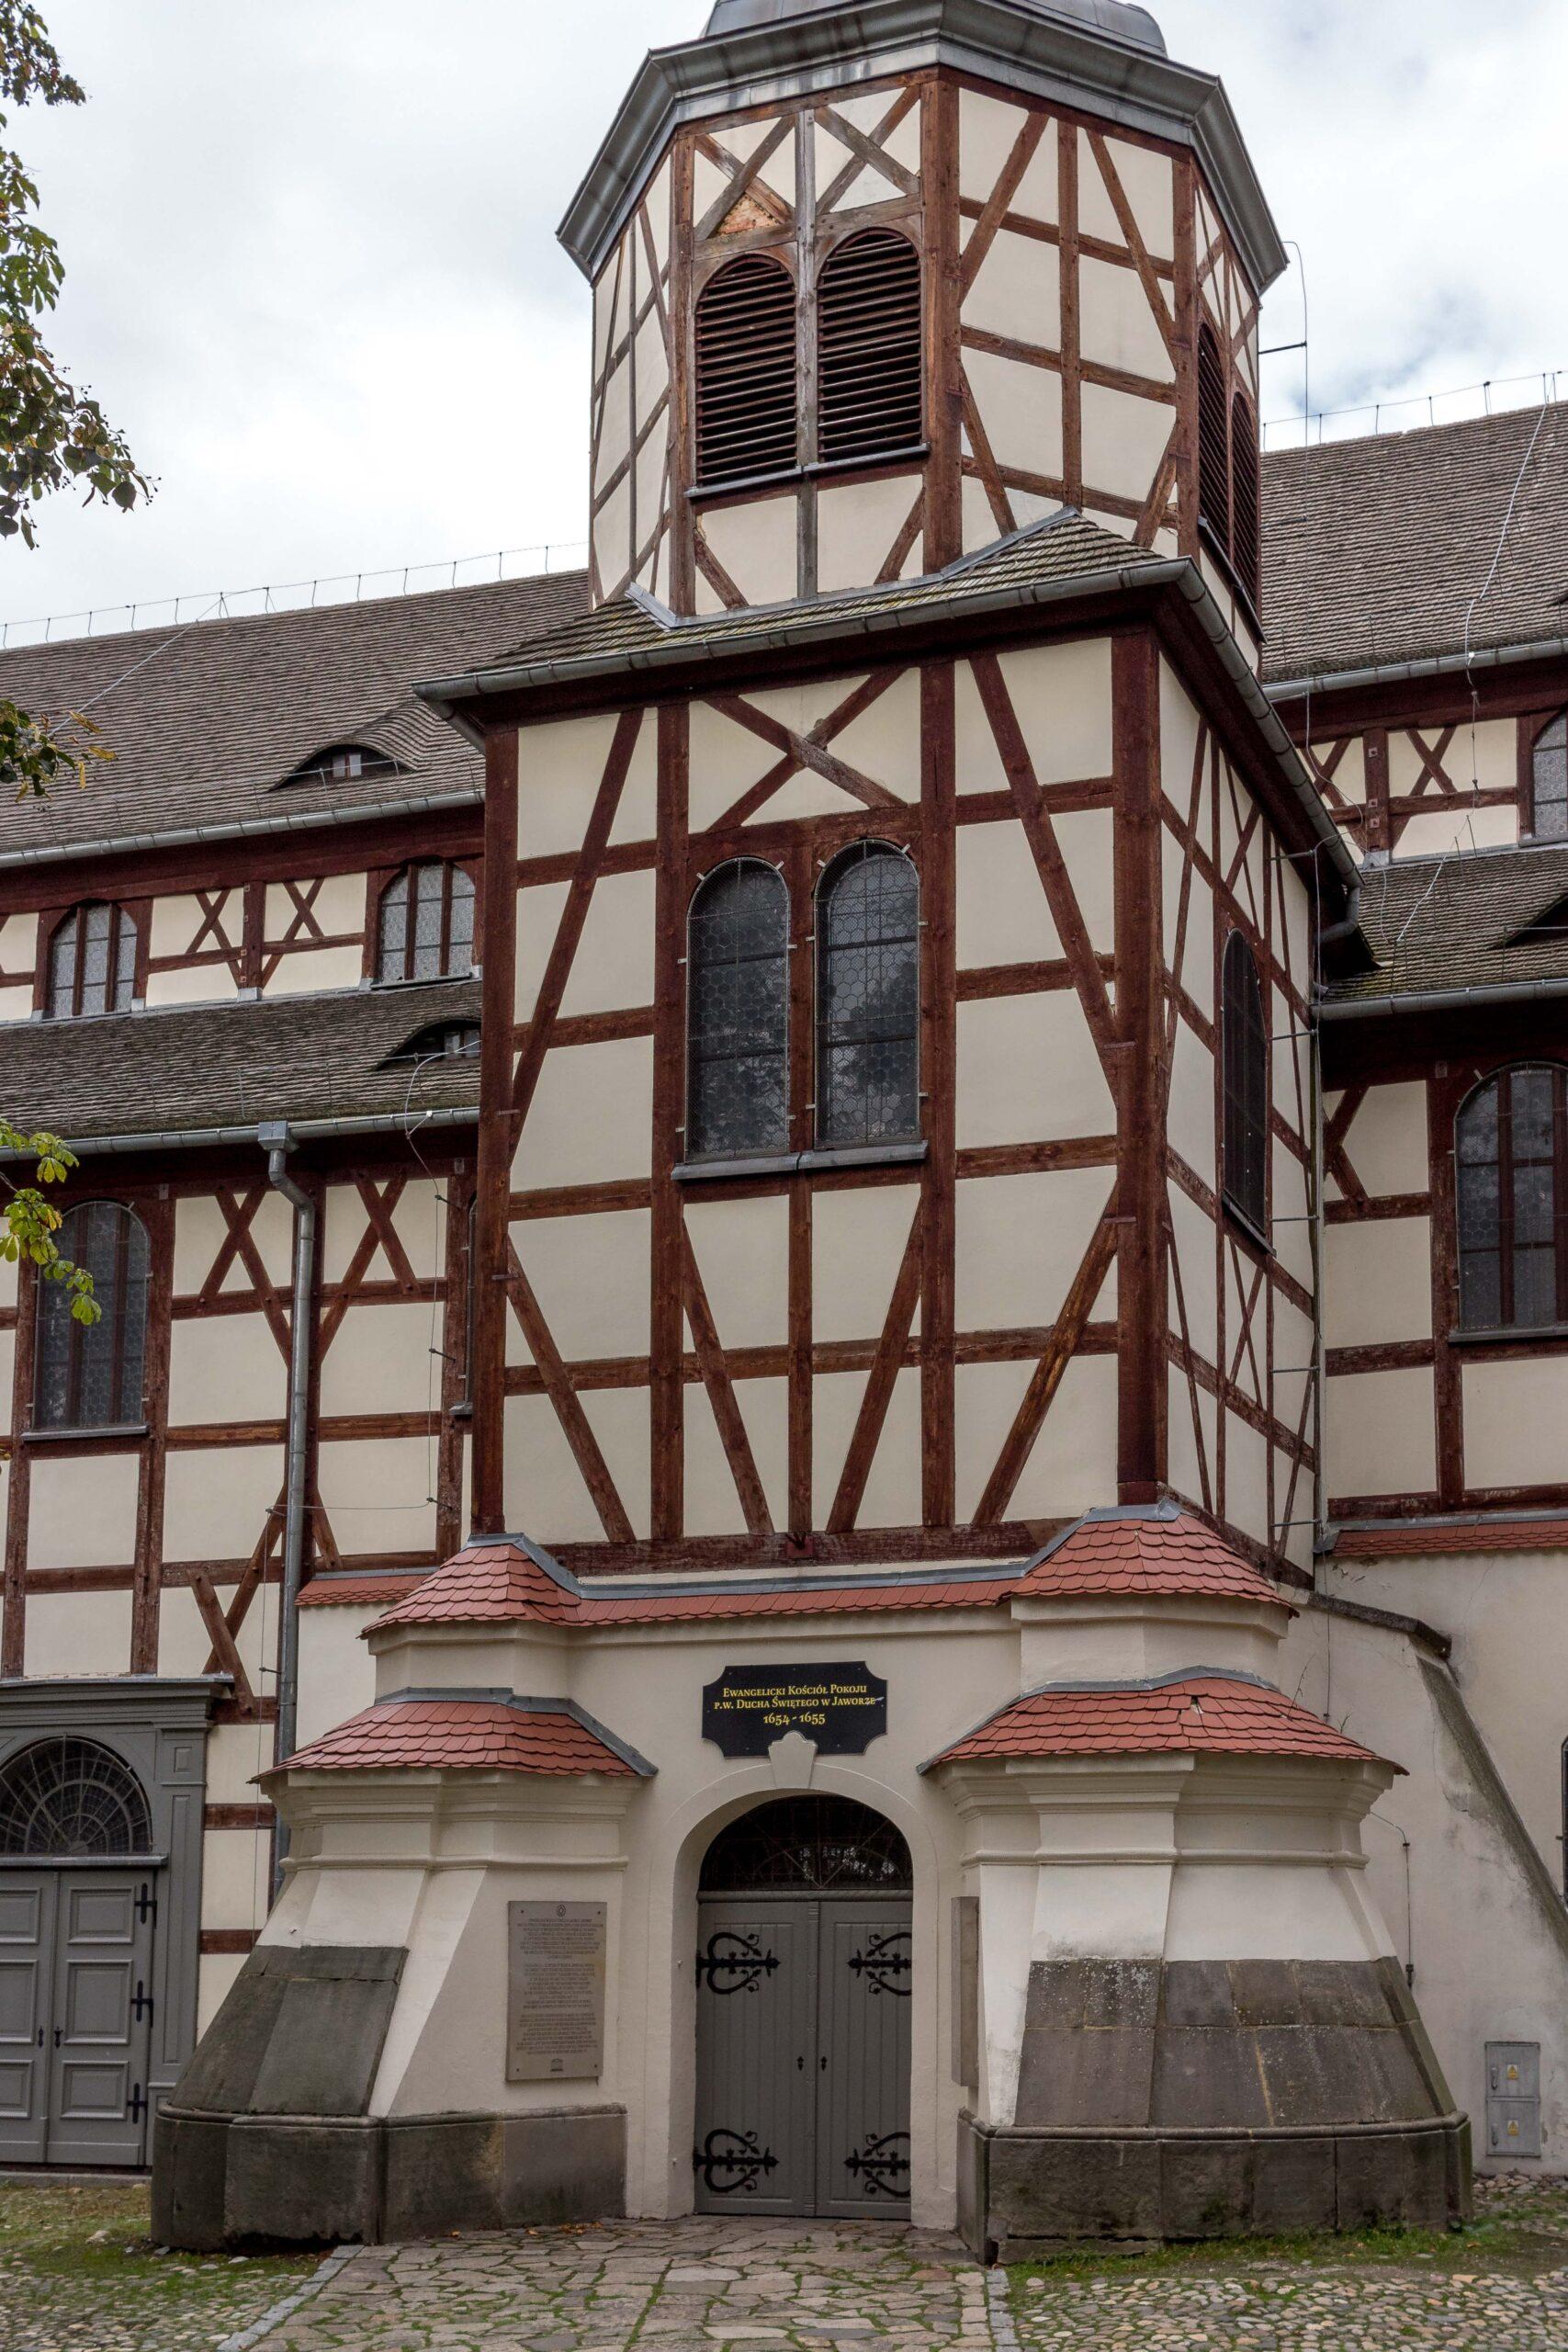 Kościoły Pokoju - Kościół Pokoju w Jaworze